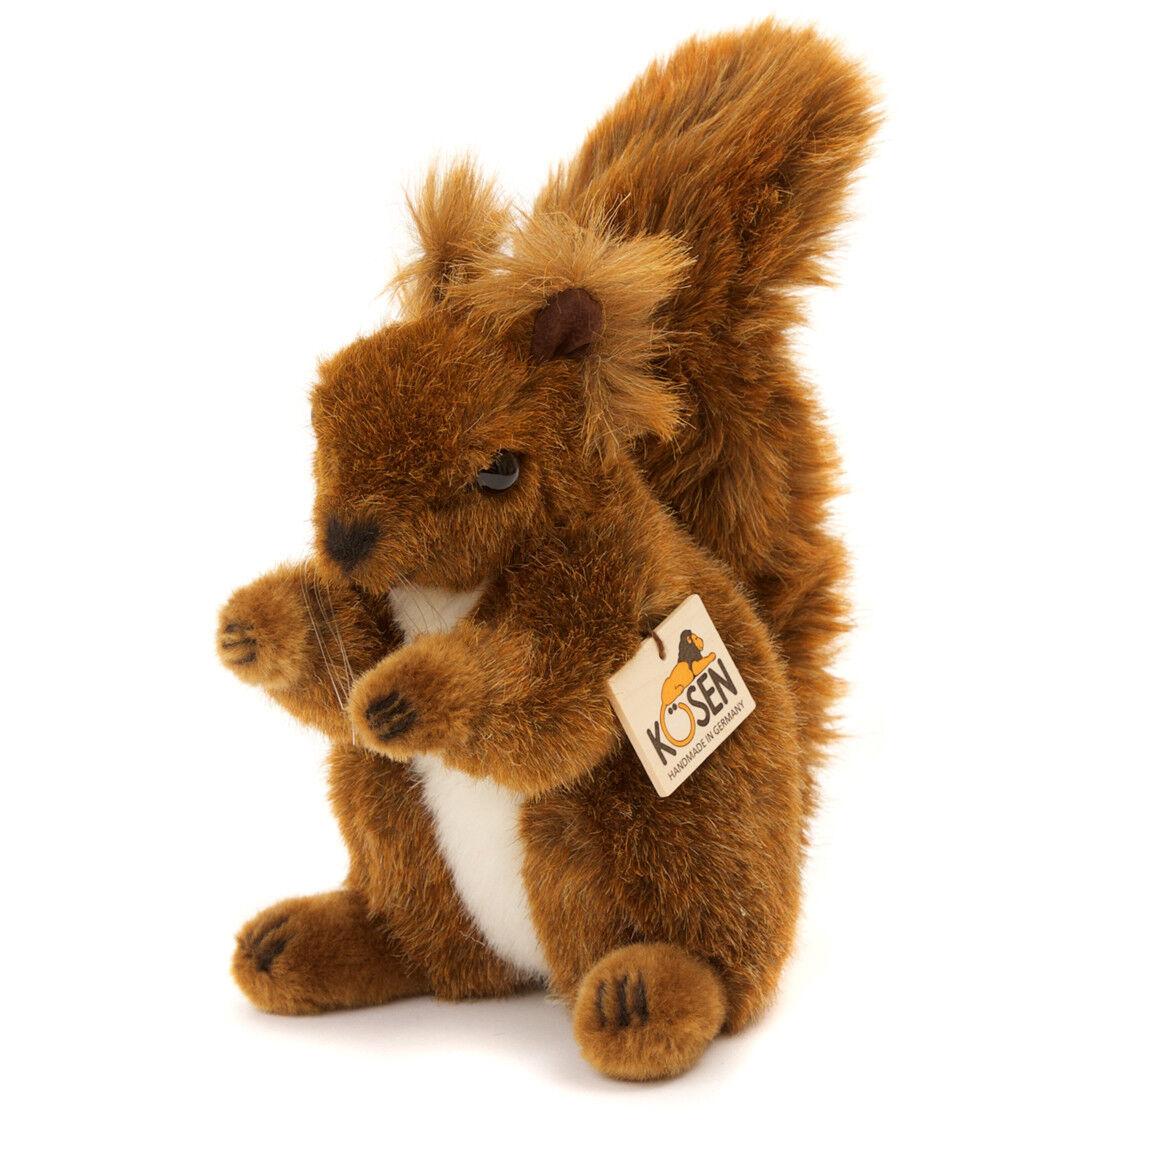 Rot Eichhörnchen - Exquisit Plüsch Sammler kuschelig Plüschtier - - - Kosen   Kösen cd382b